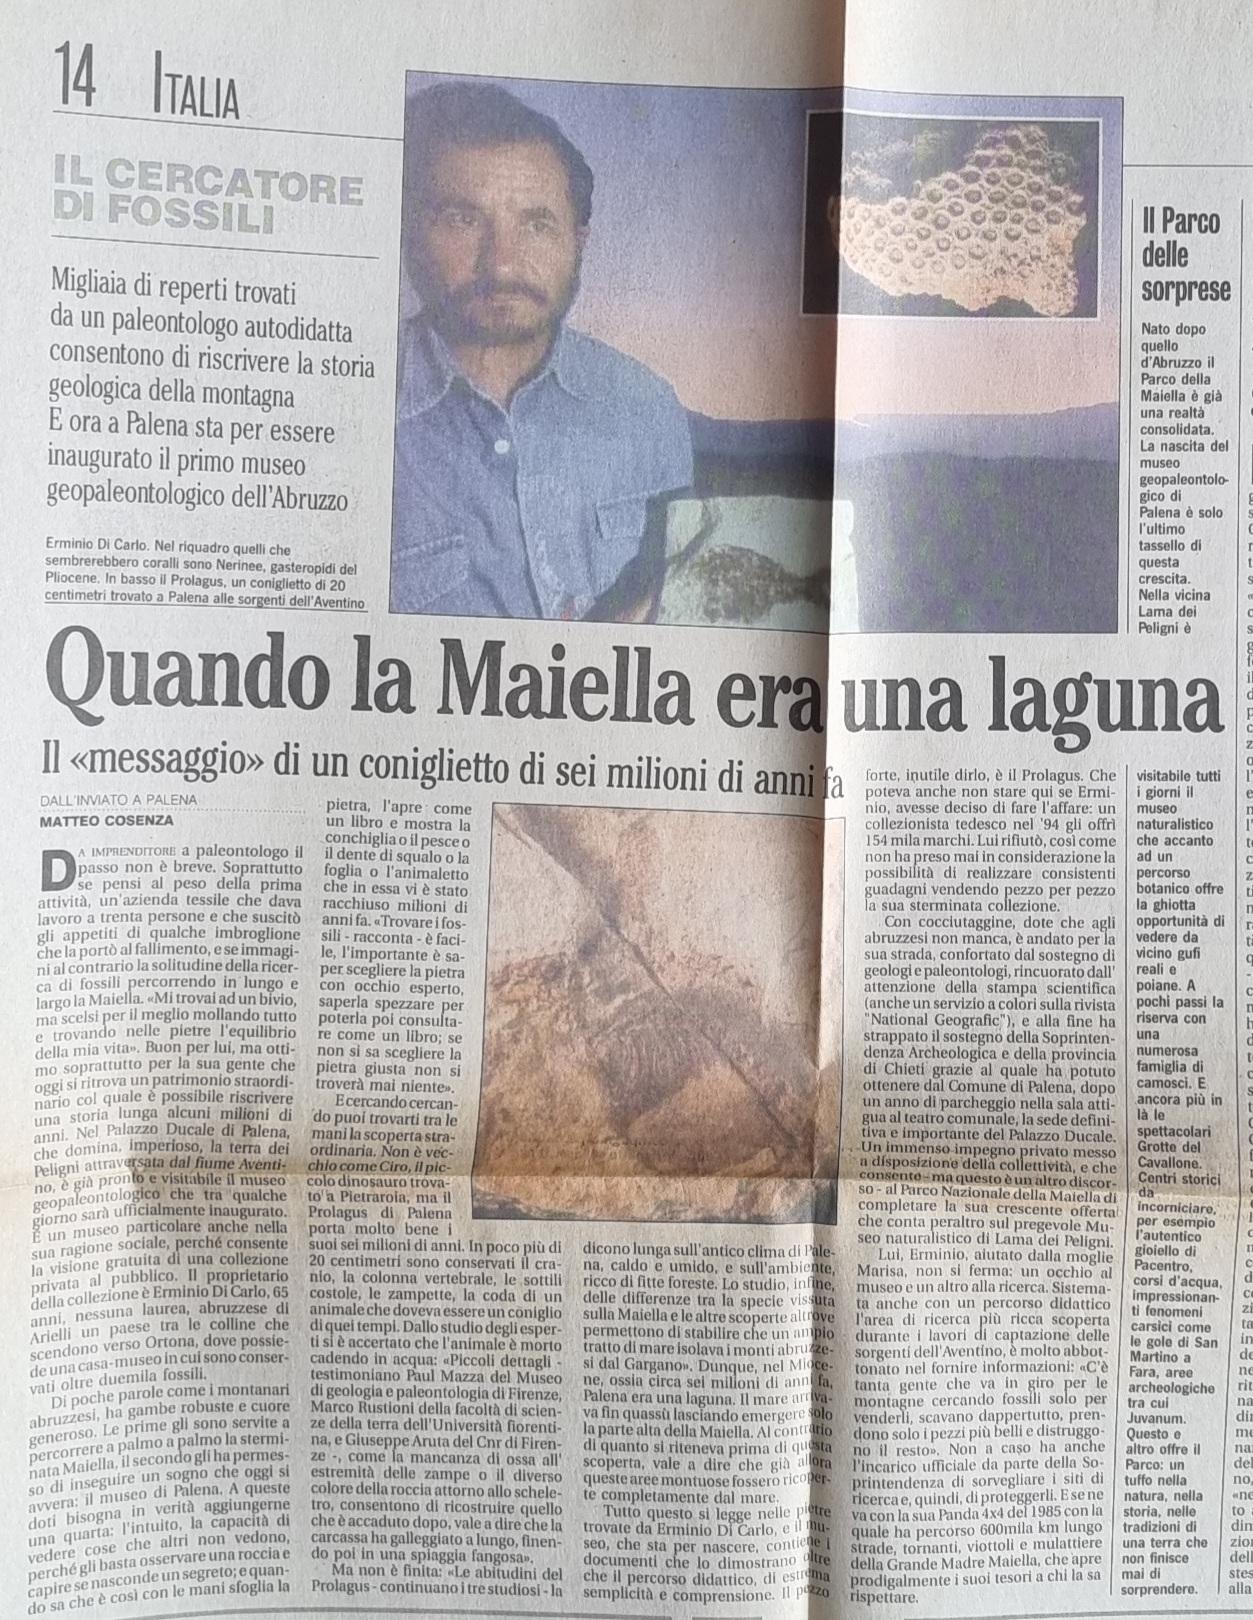 Ermio Di Carlo mio vecchio articolo sul Mattinojpg